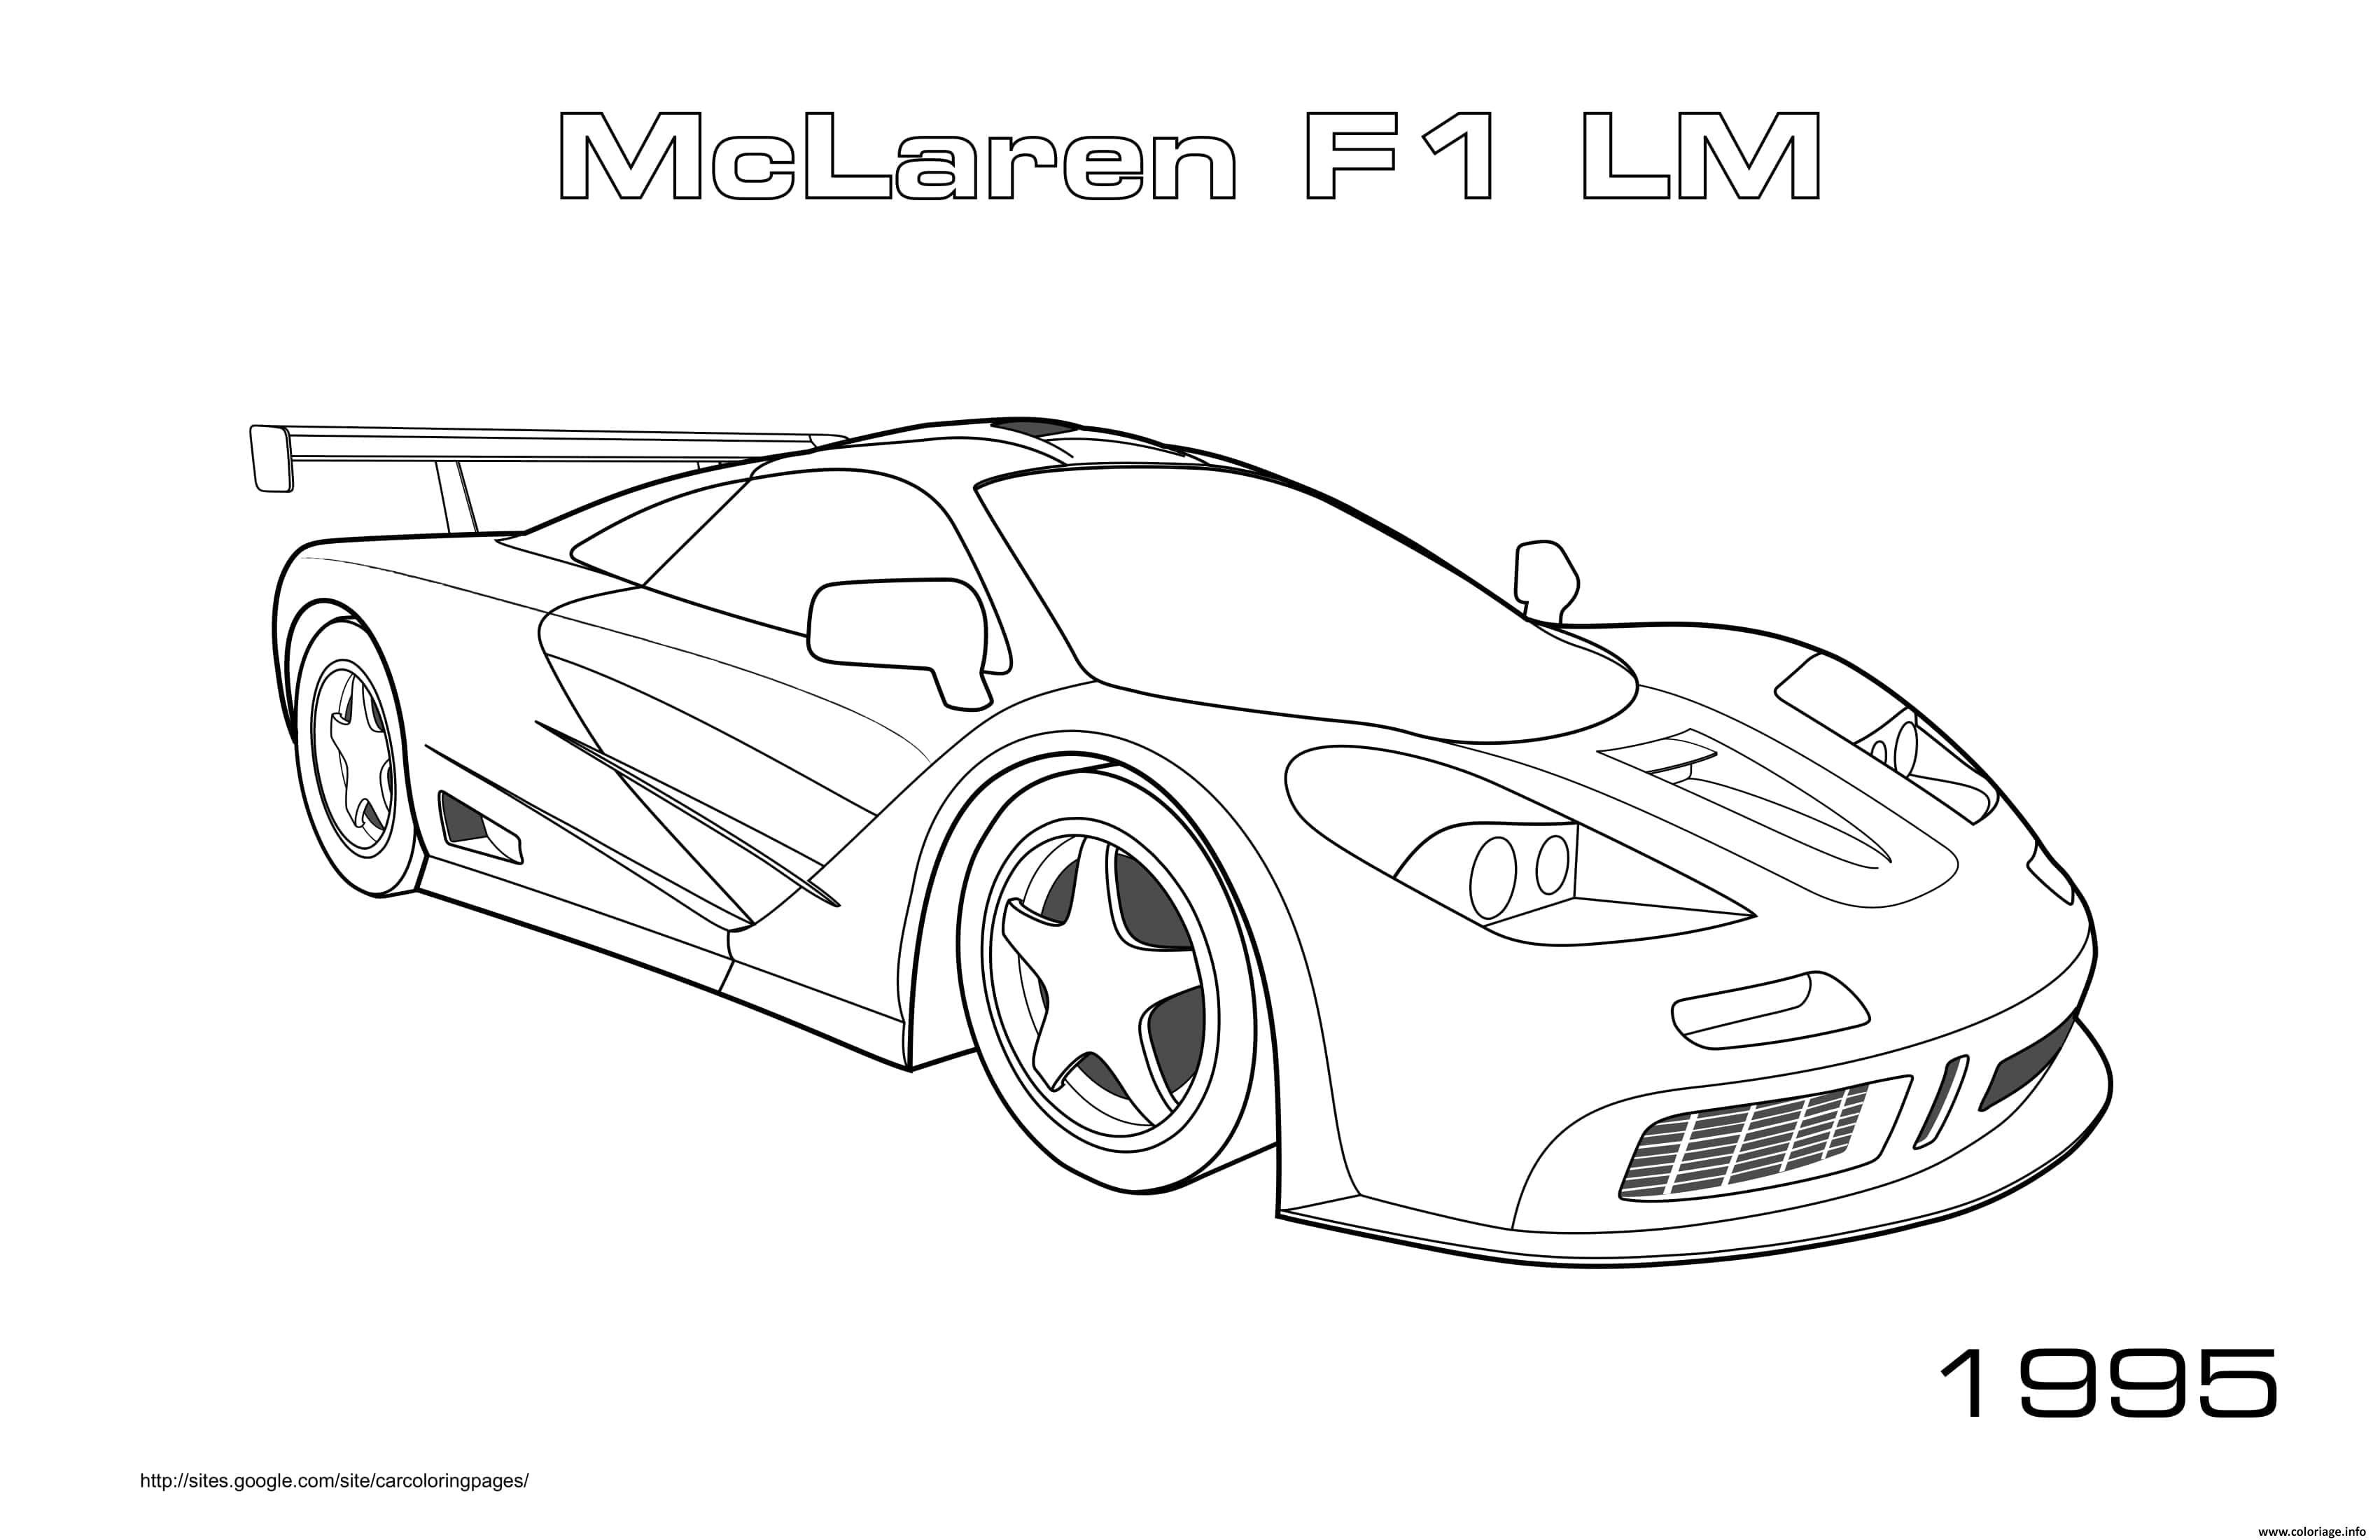 Dessin Mclaren Sport F1 Lm 1995 Coloriage Gratuit à Imprimer